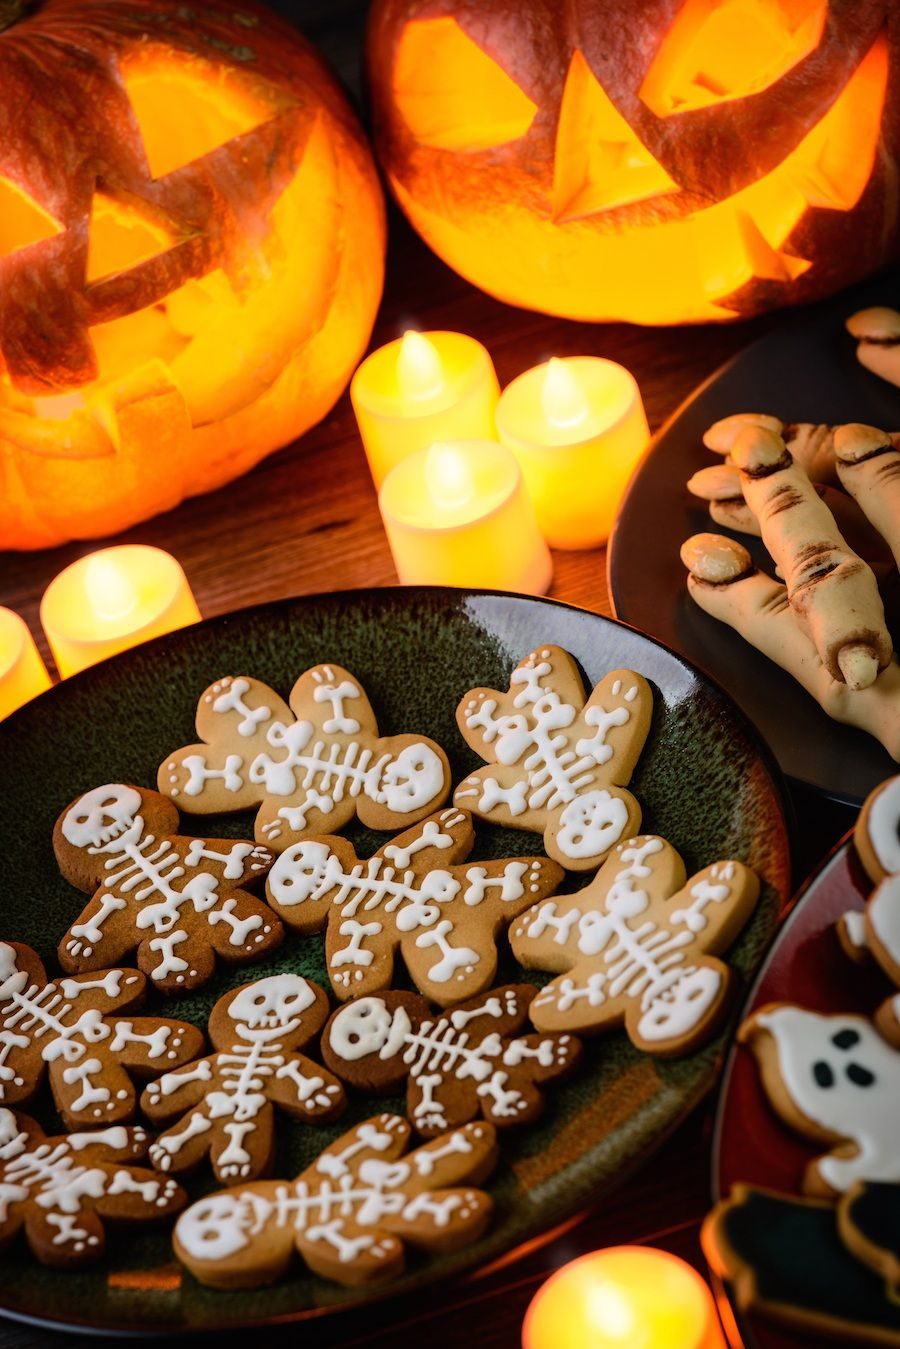 Dag Halloween.Het Is Bijna 31 Oktober En Dus Bijna Halloween Wat Jij Kunt